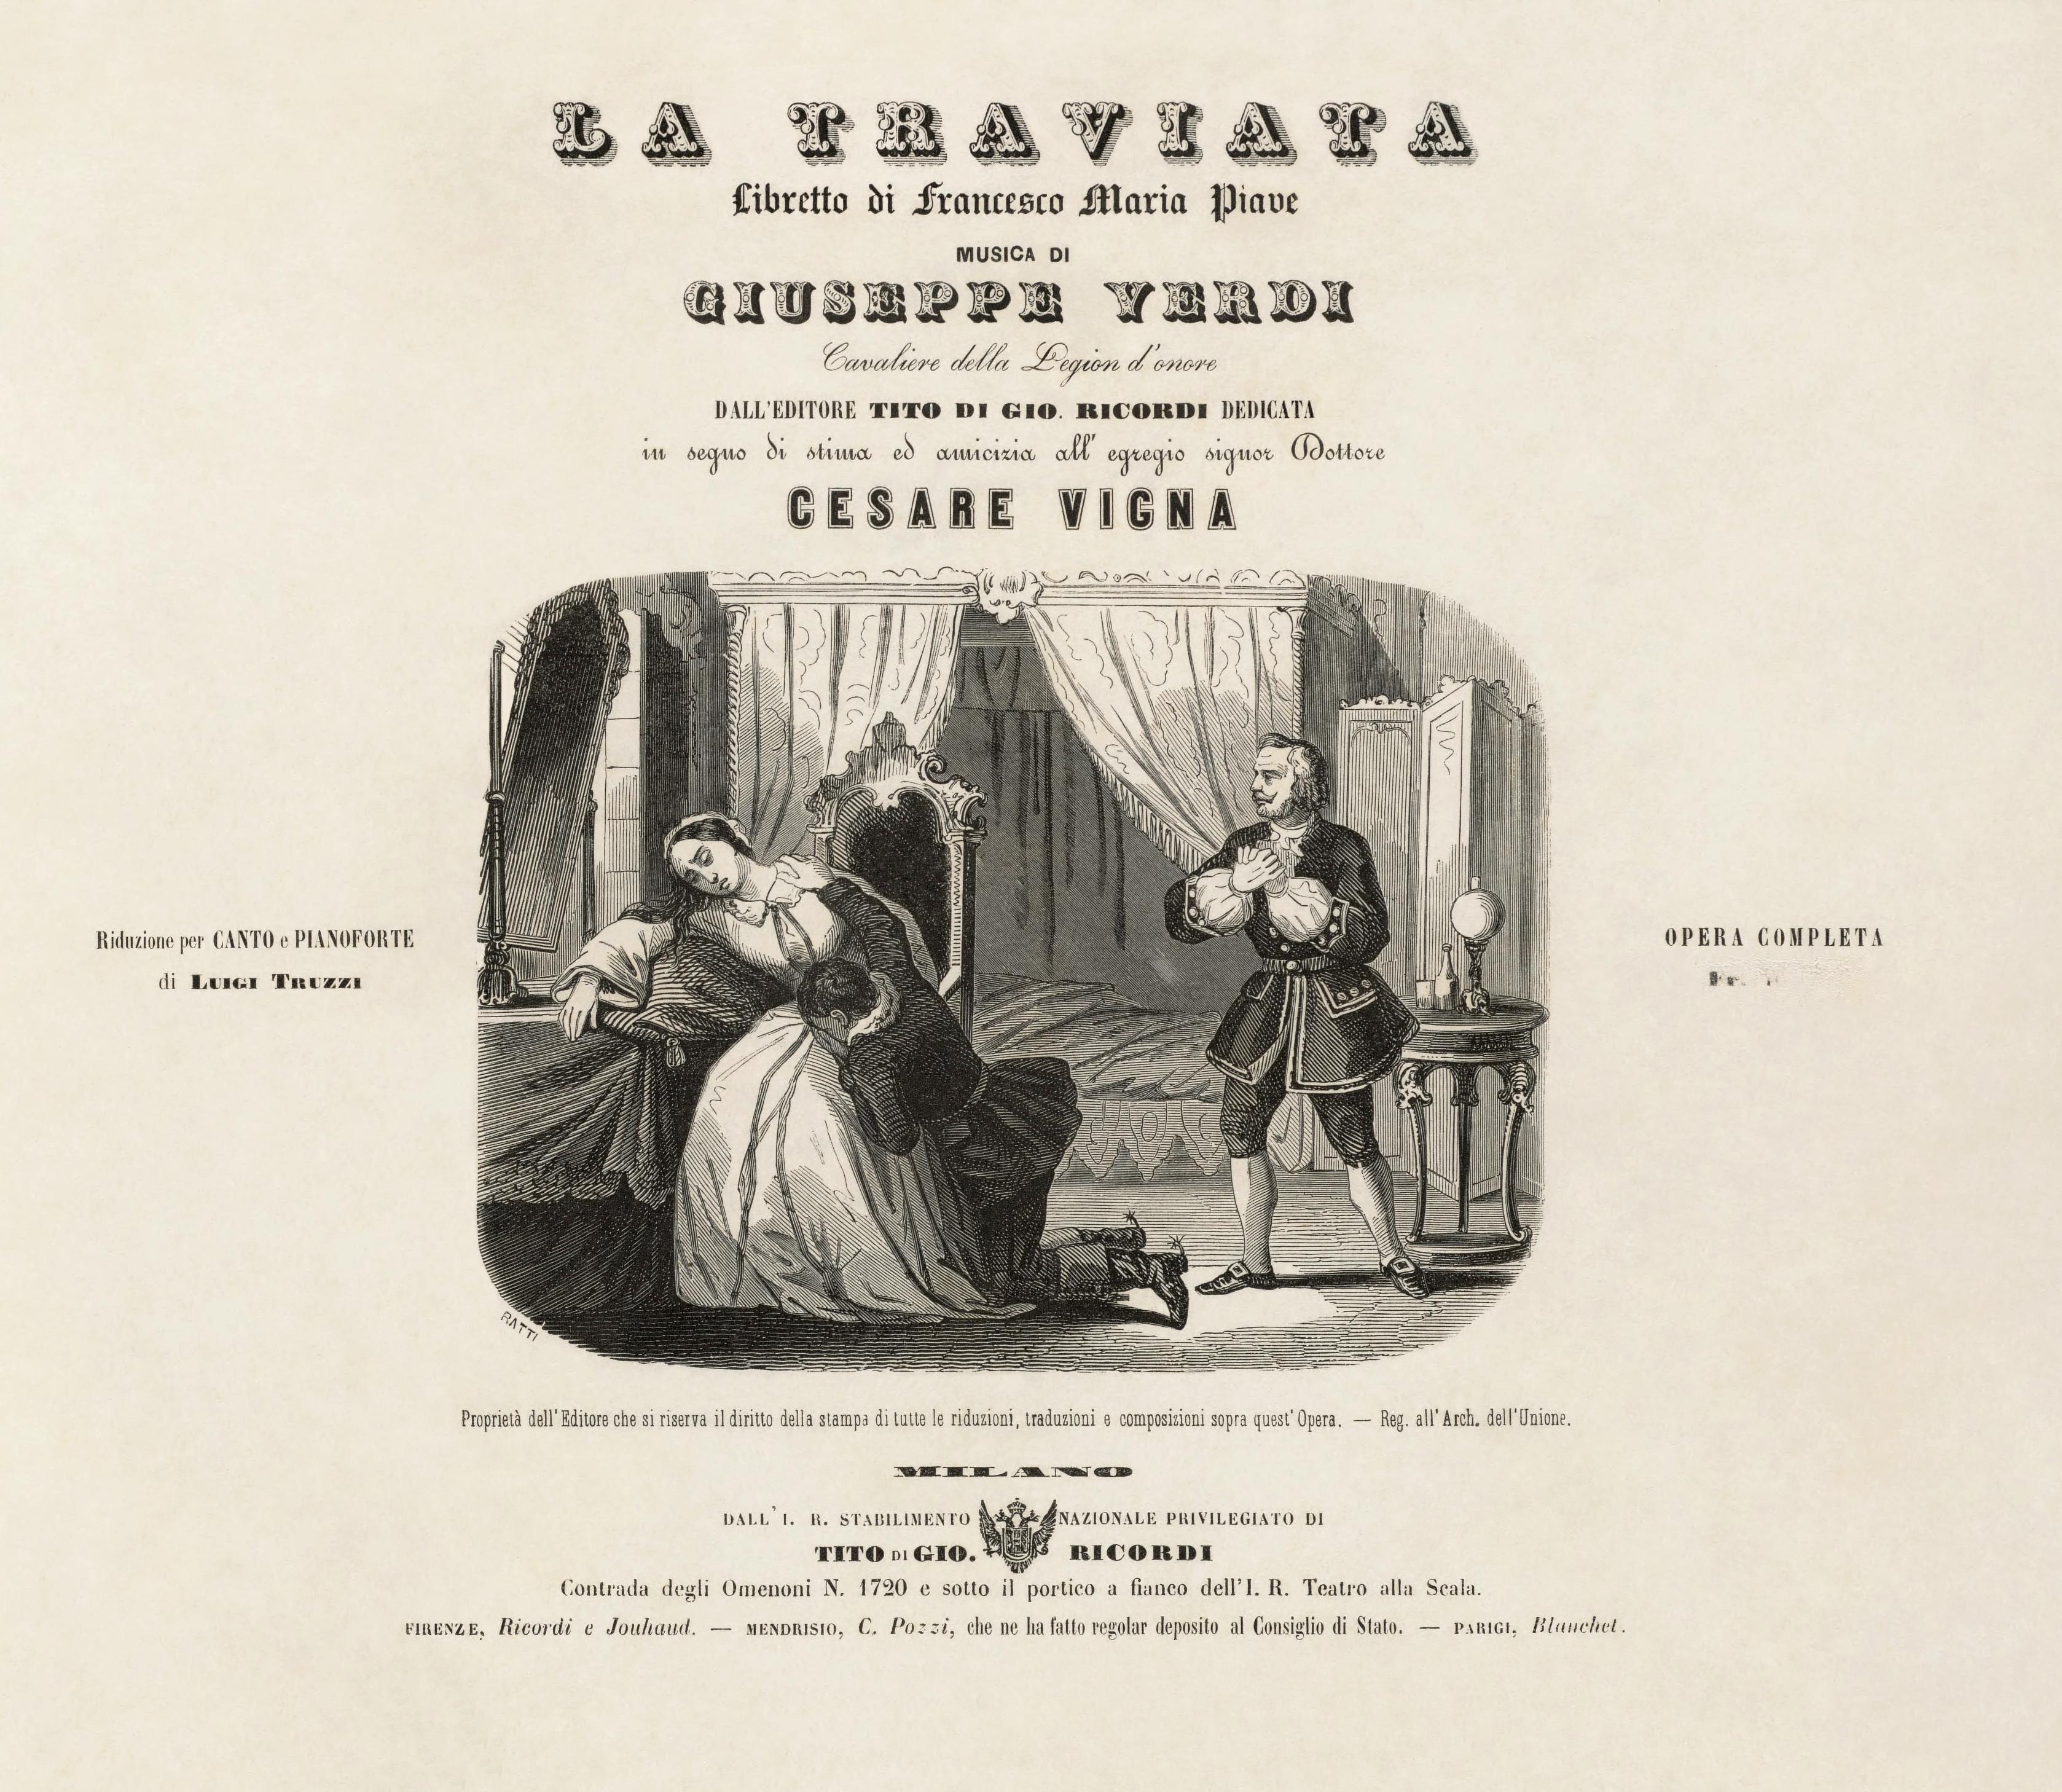 Il Portico Di Sam file:giuseppe verdi, la traviata title page - restoration